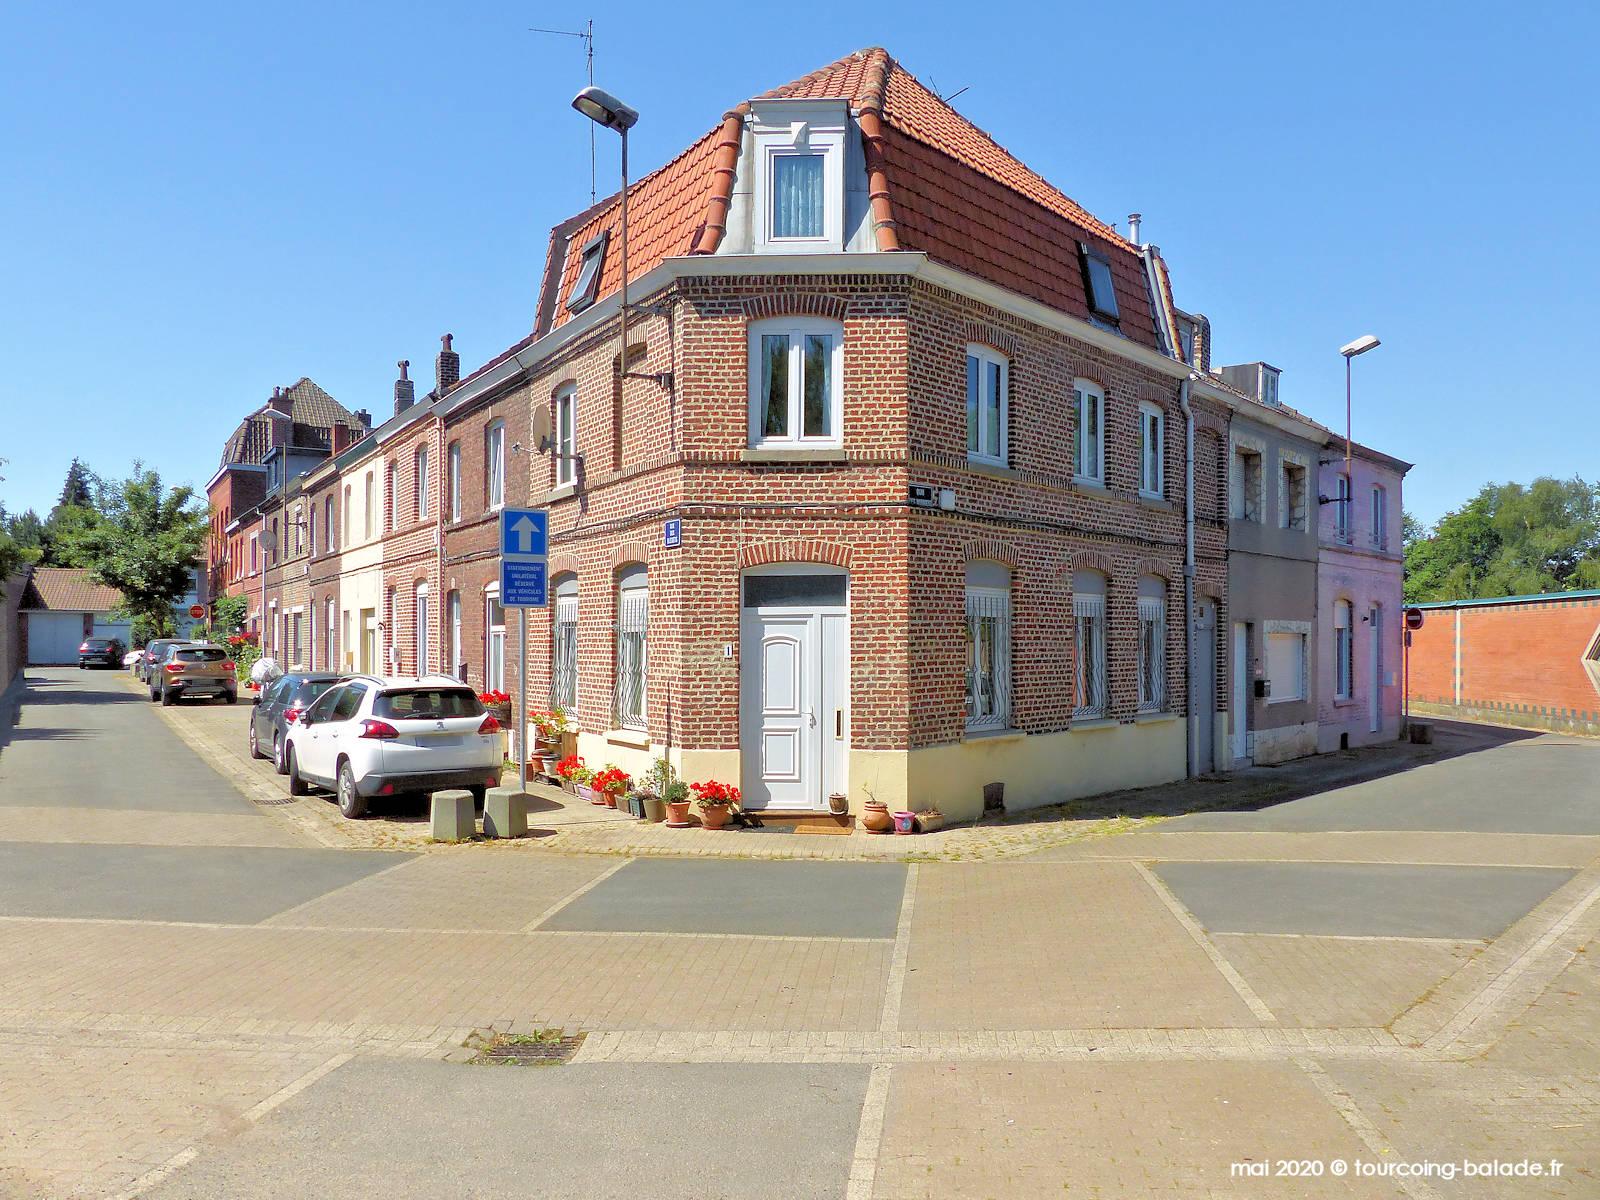 Angle Quai des Mariniers et Rue des Bleuets, Tourcoing 2020